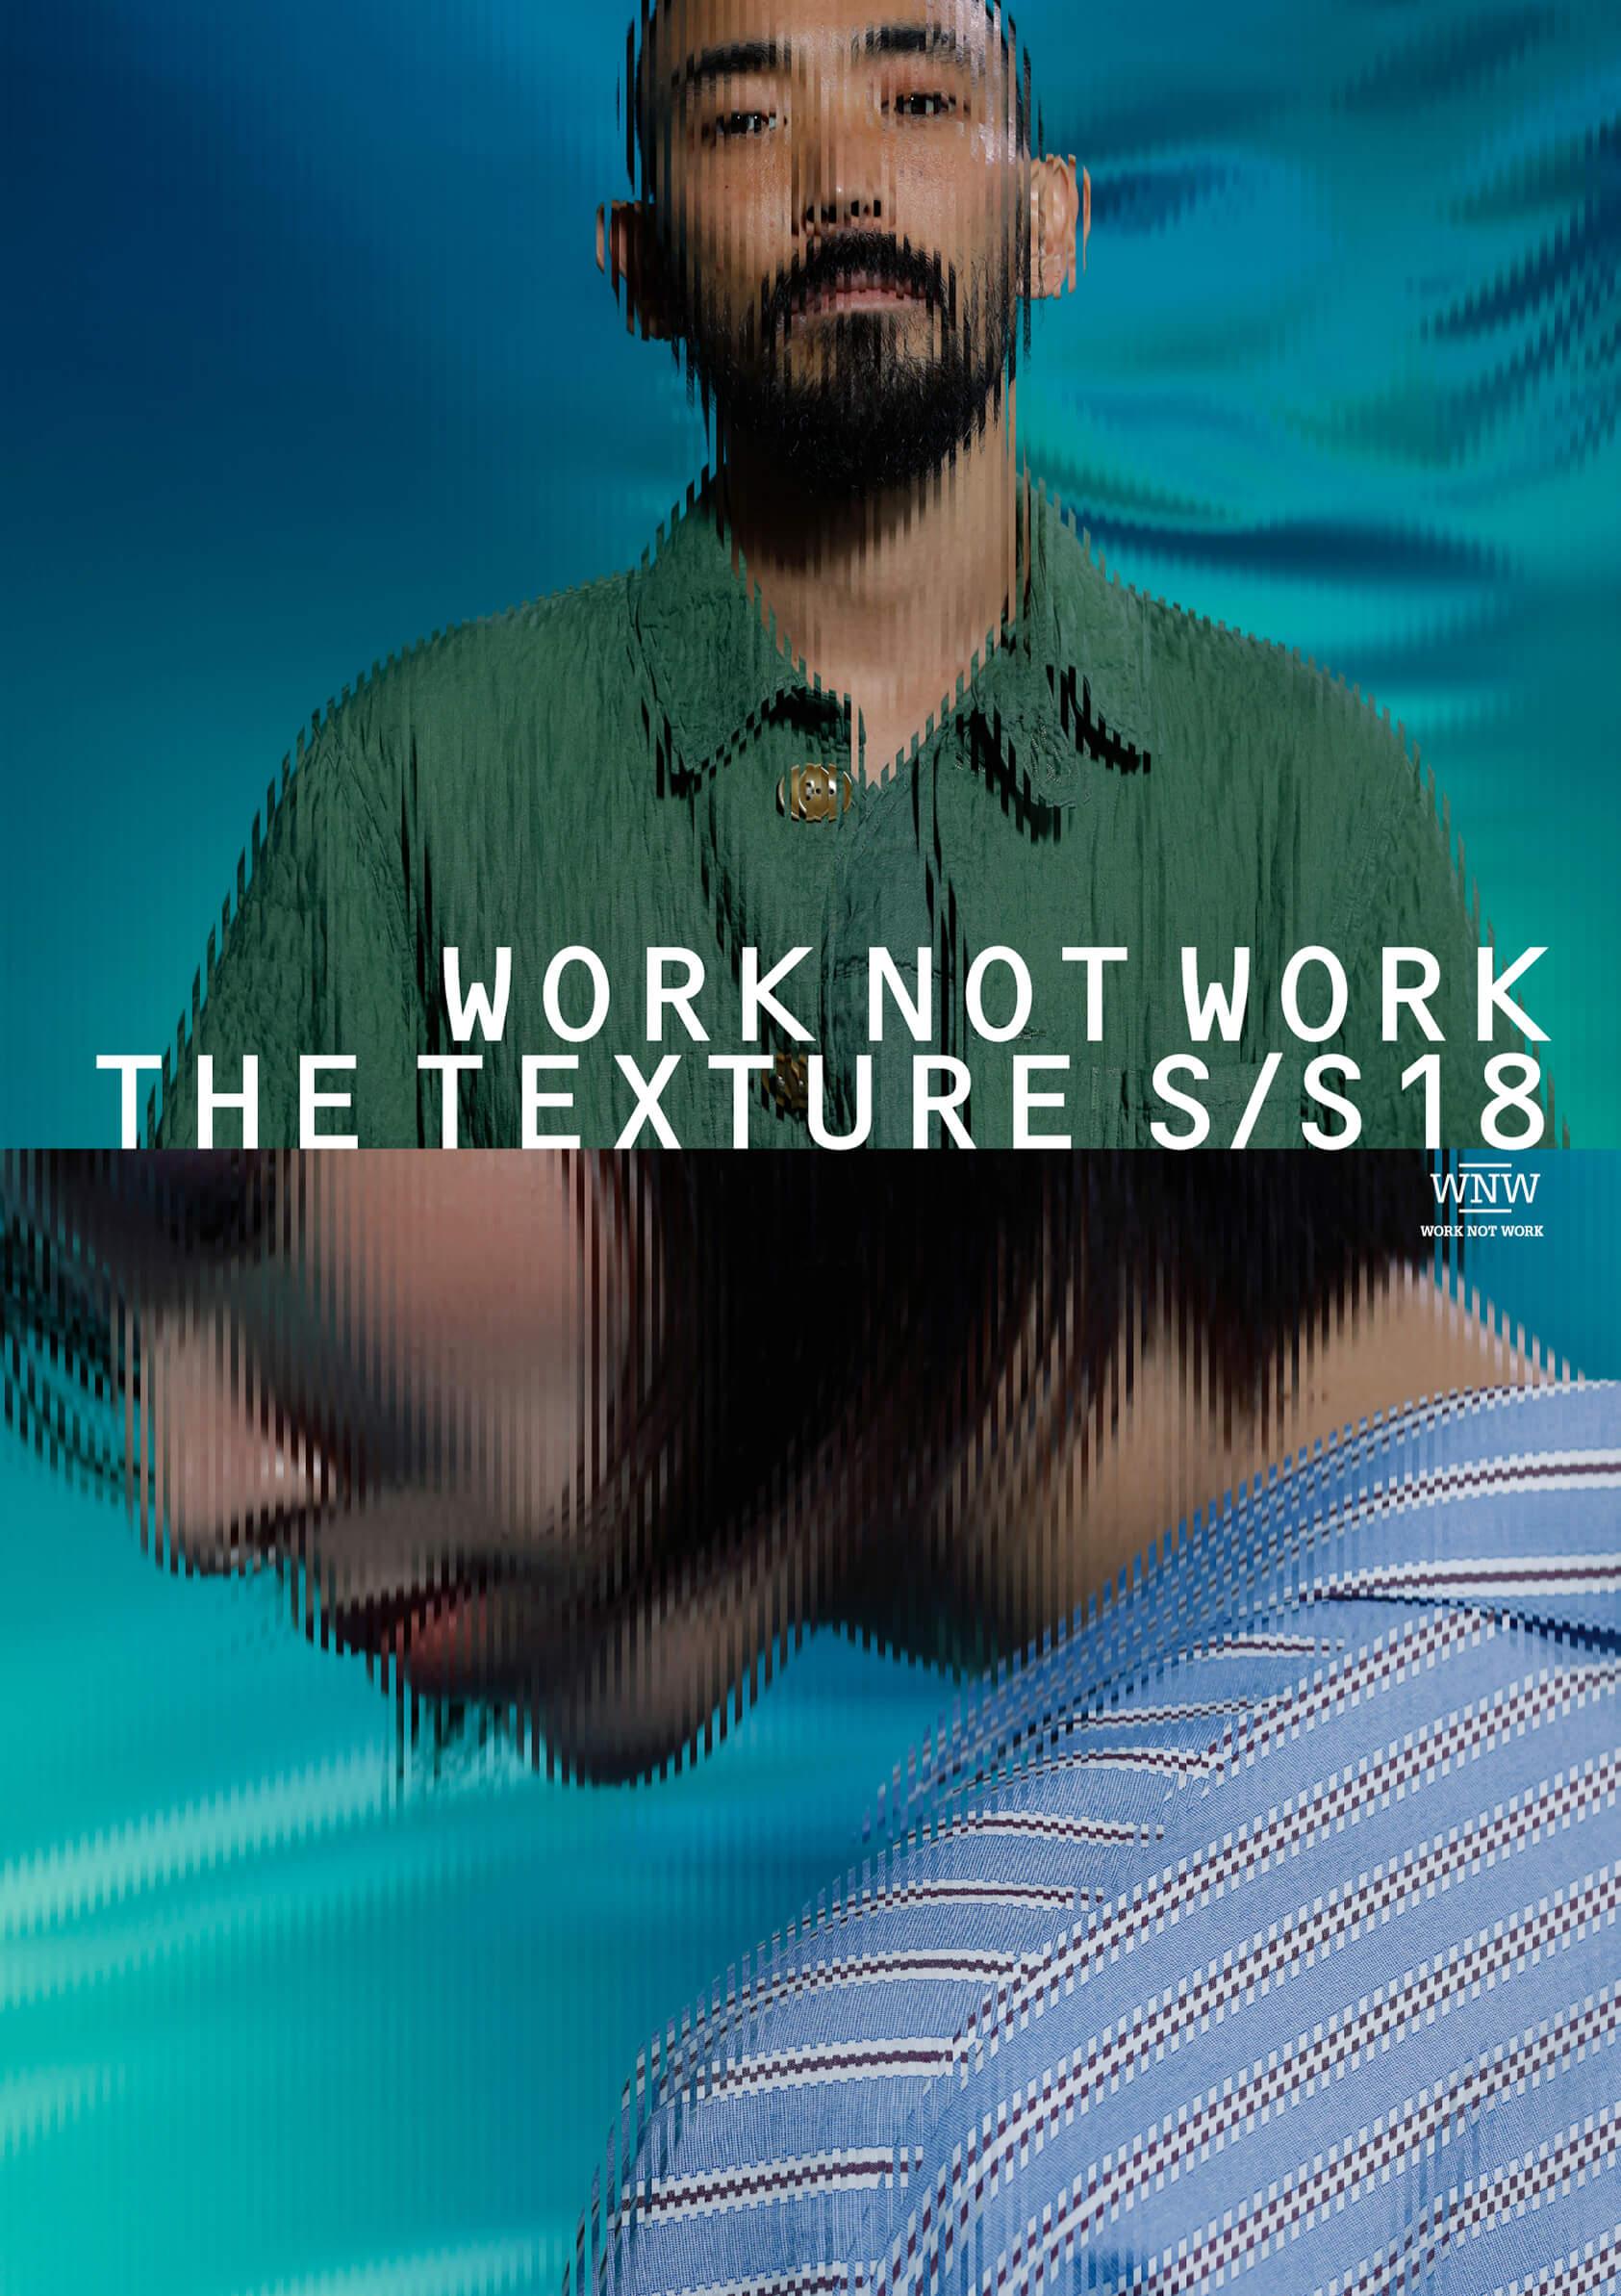 WORK NOT WORK